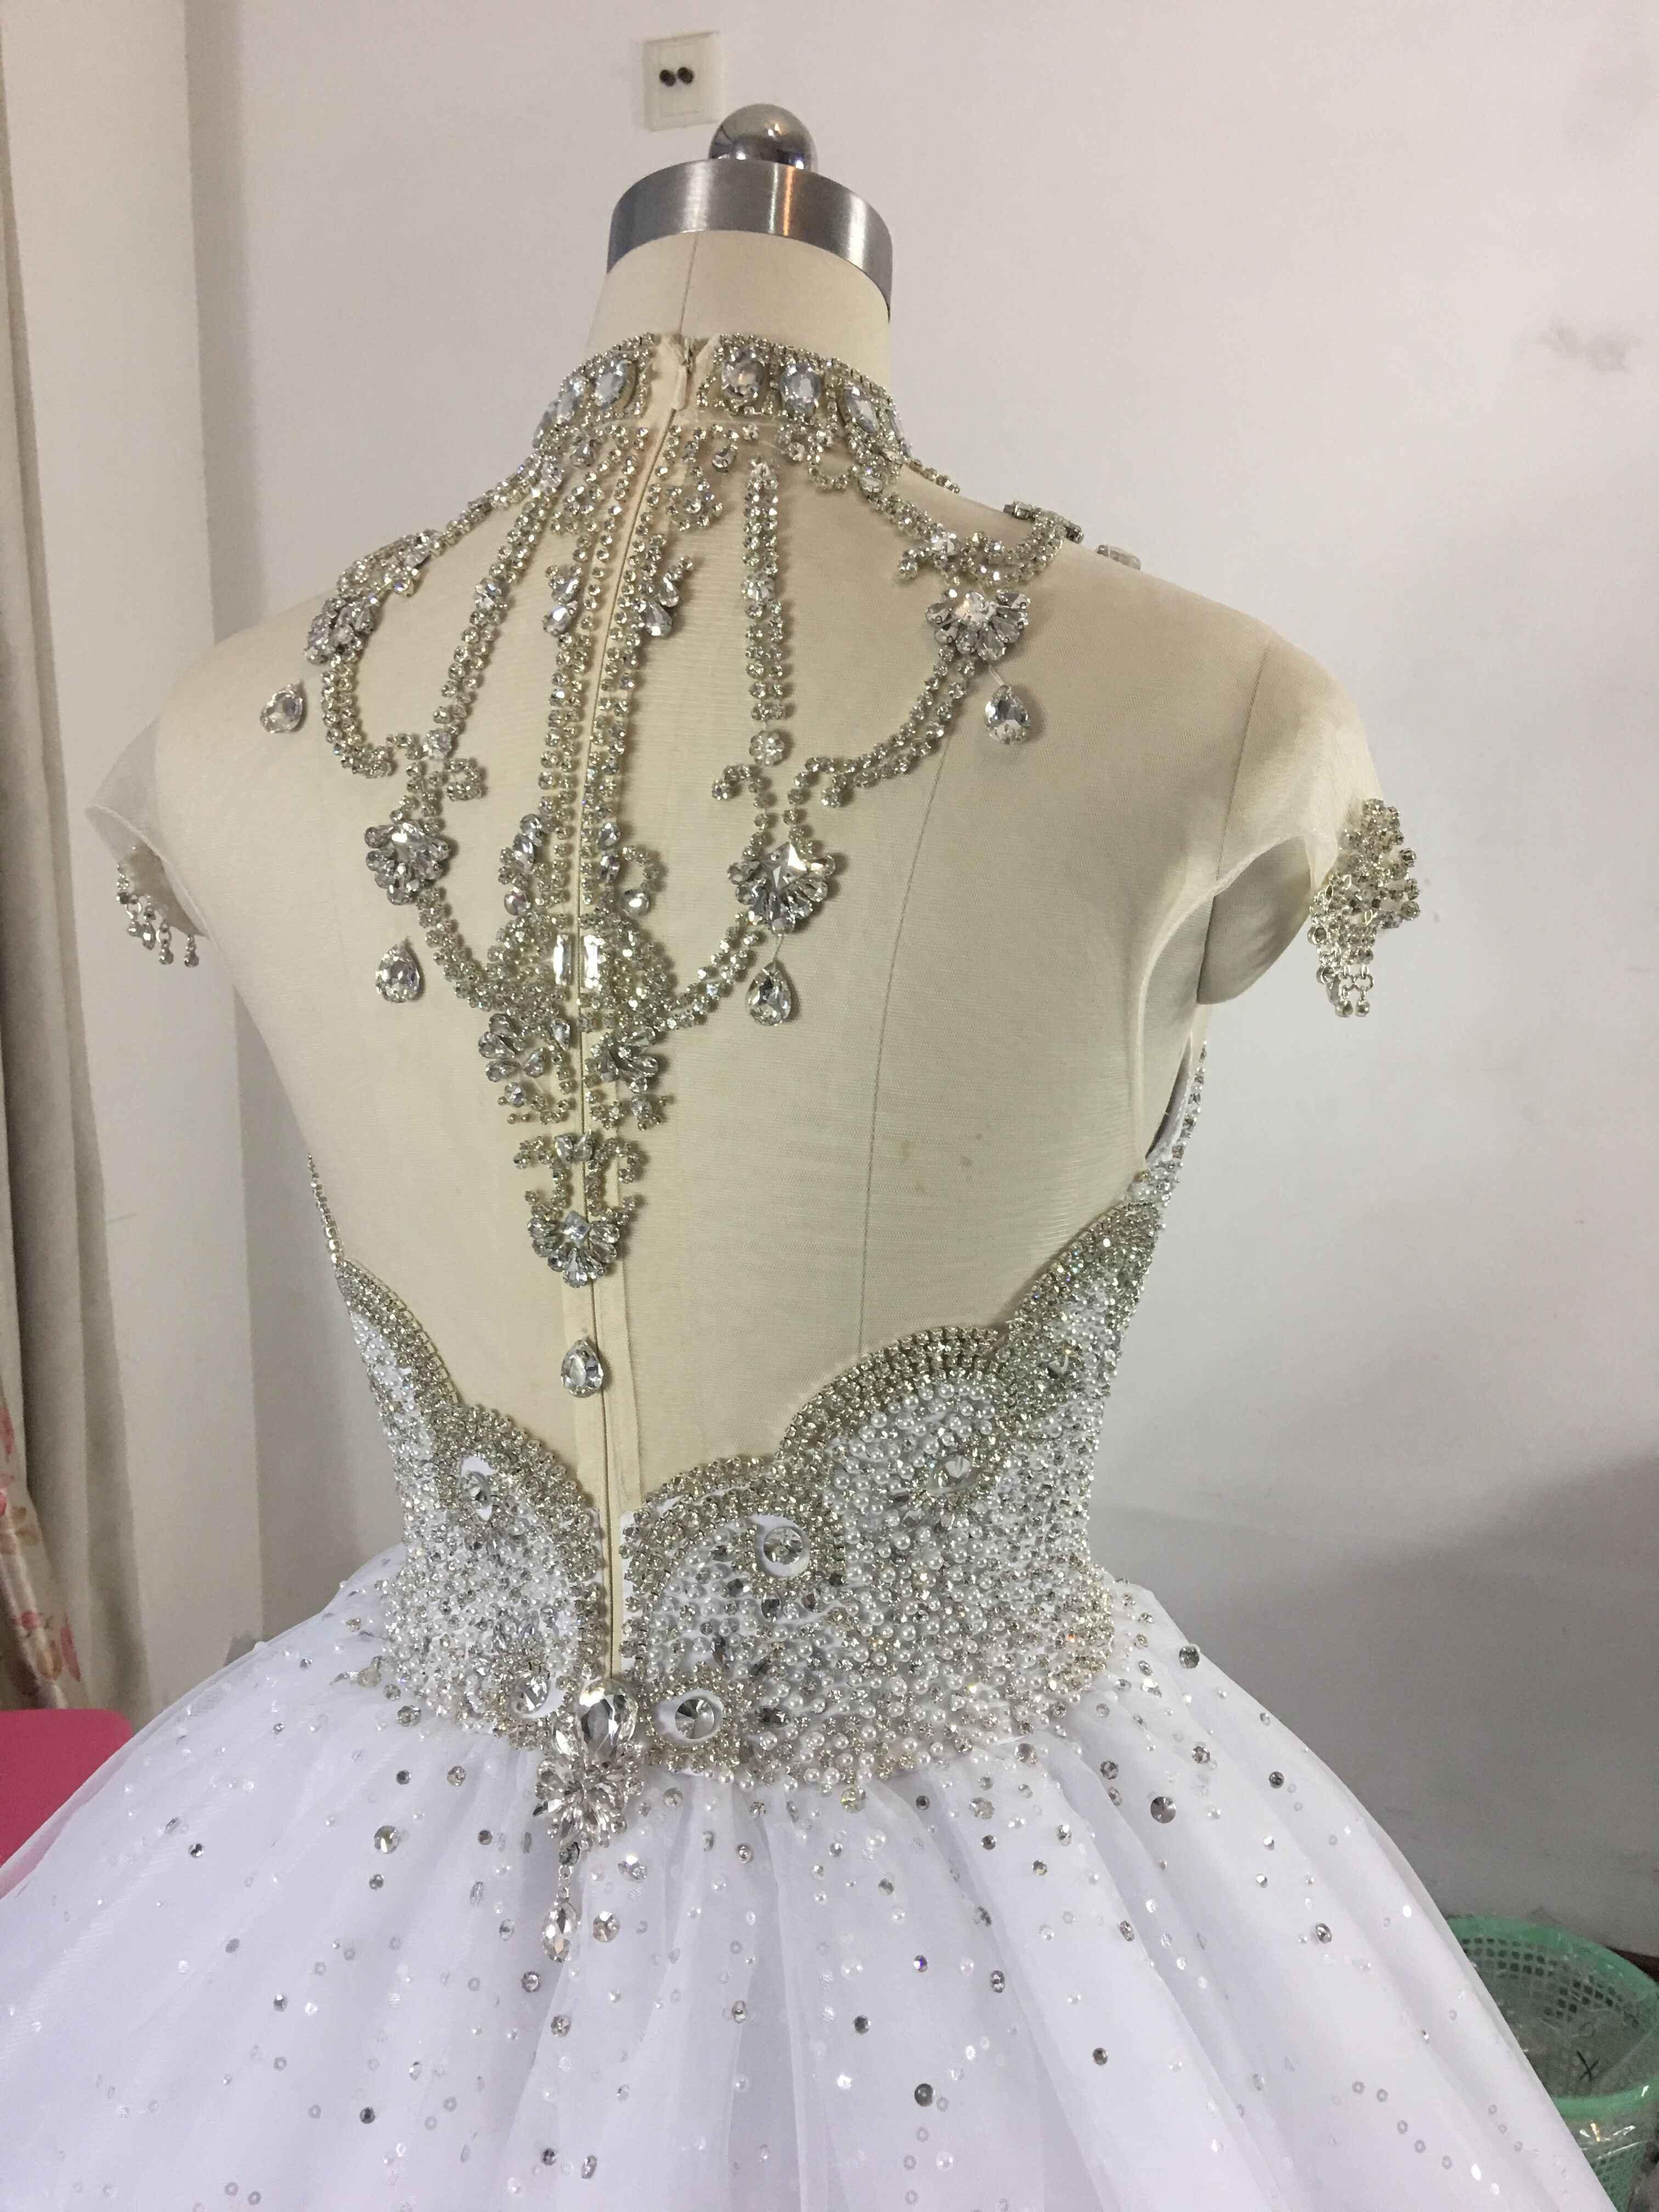 Princesa Fofo Vestido de Casamento de Luxo 2019 Vestidos de Casamento para a Noiva Plus Size Tulle Diamante De Cristal Frisada Custom Made XJ06S